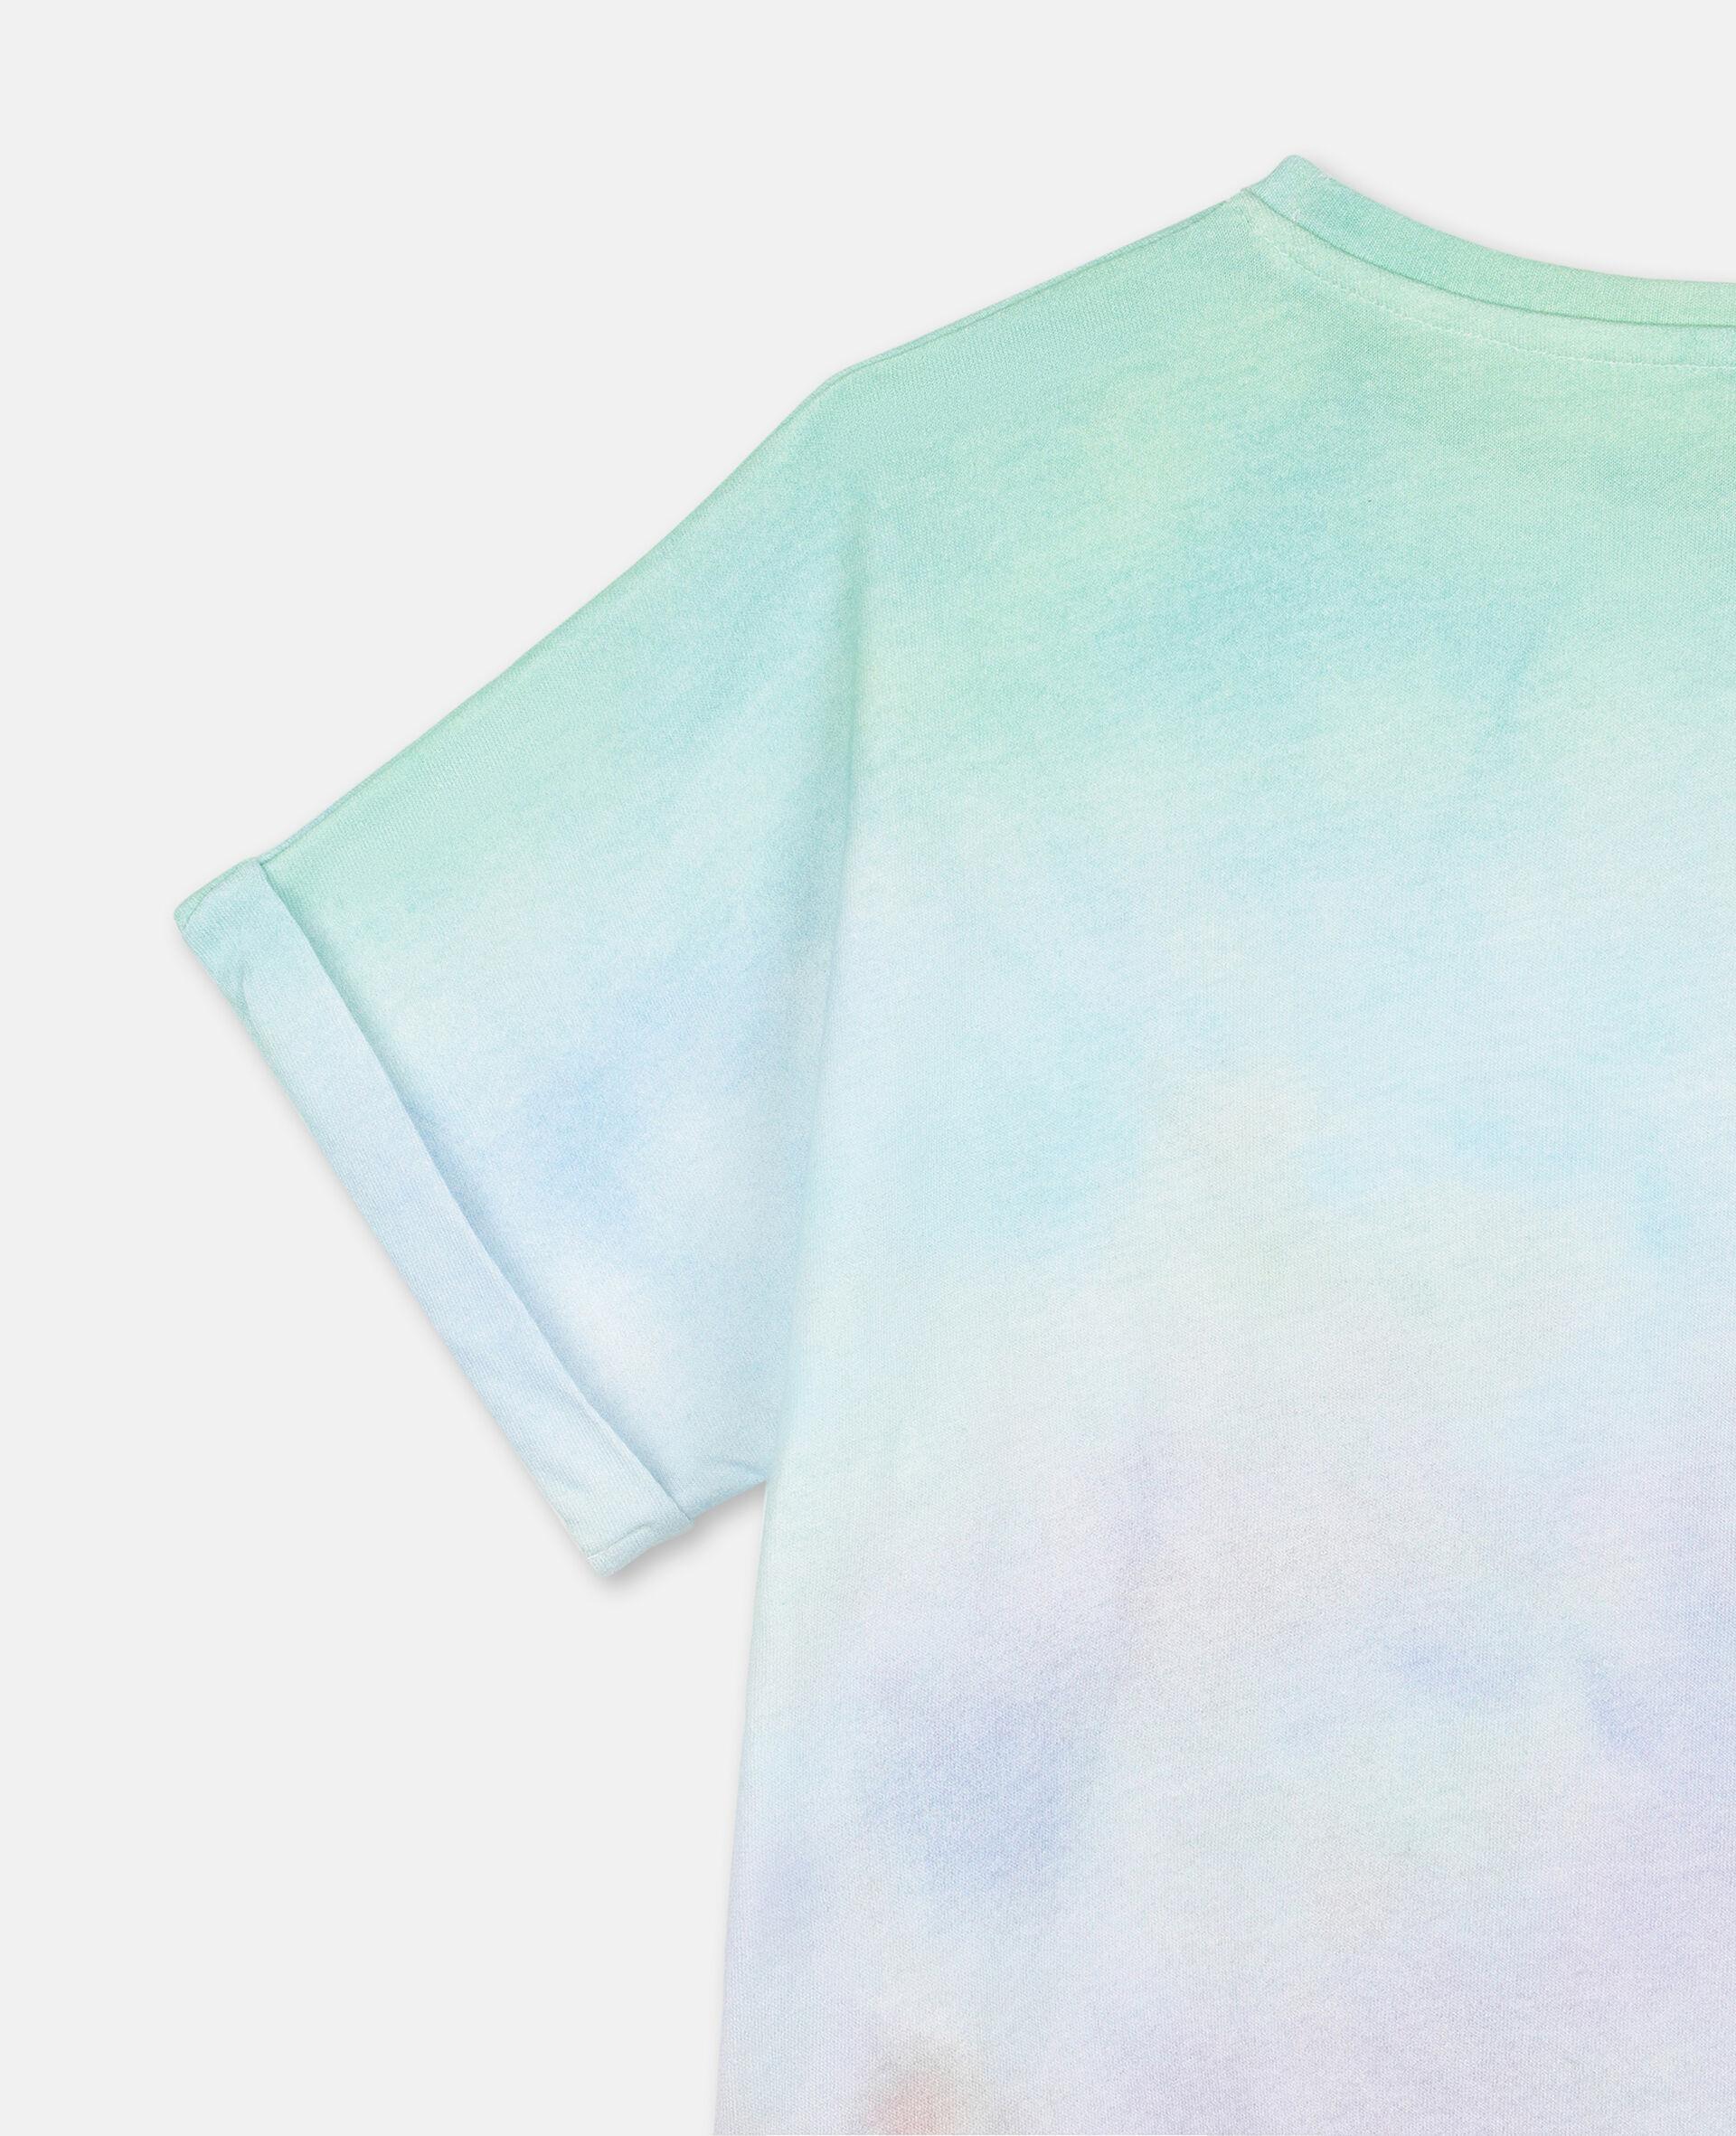 バタフライ コットン Tシャツ-マルチカラー-large image number 2